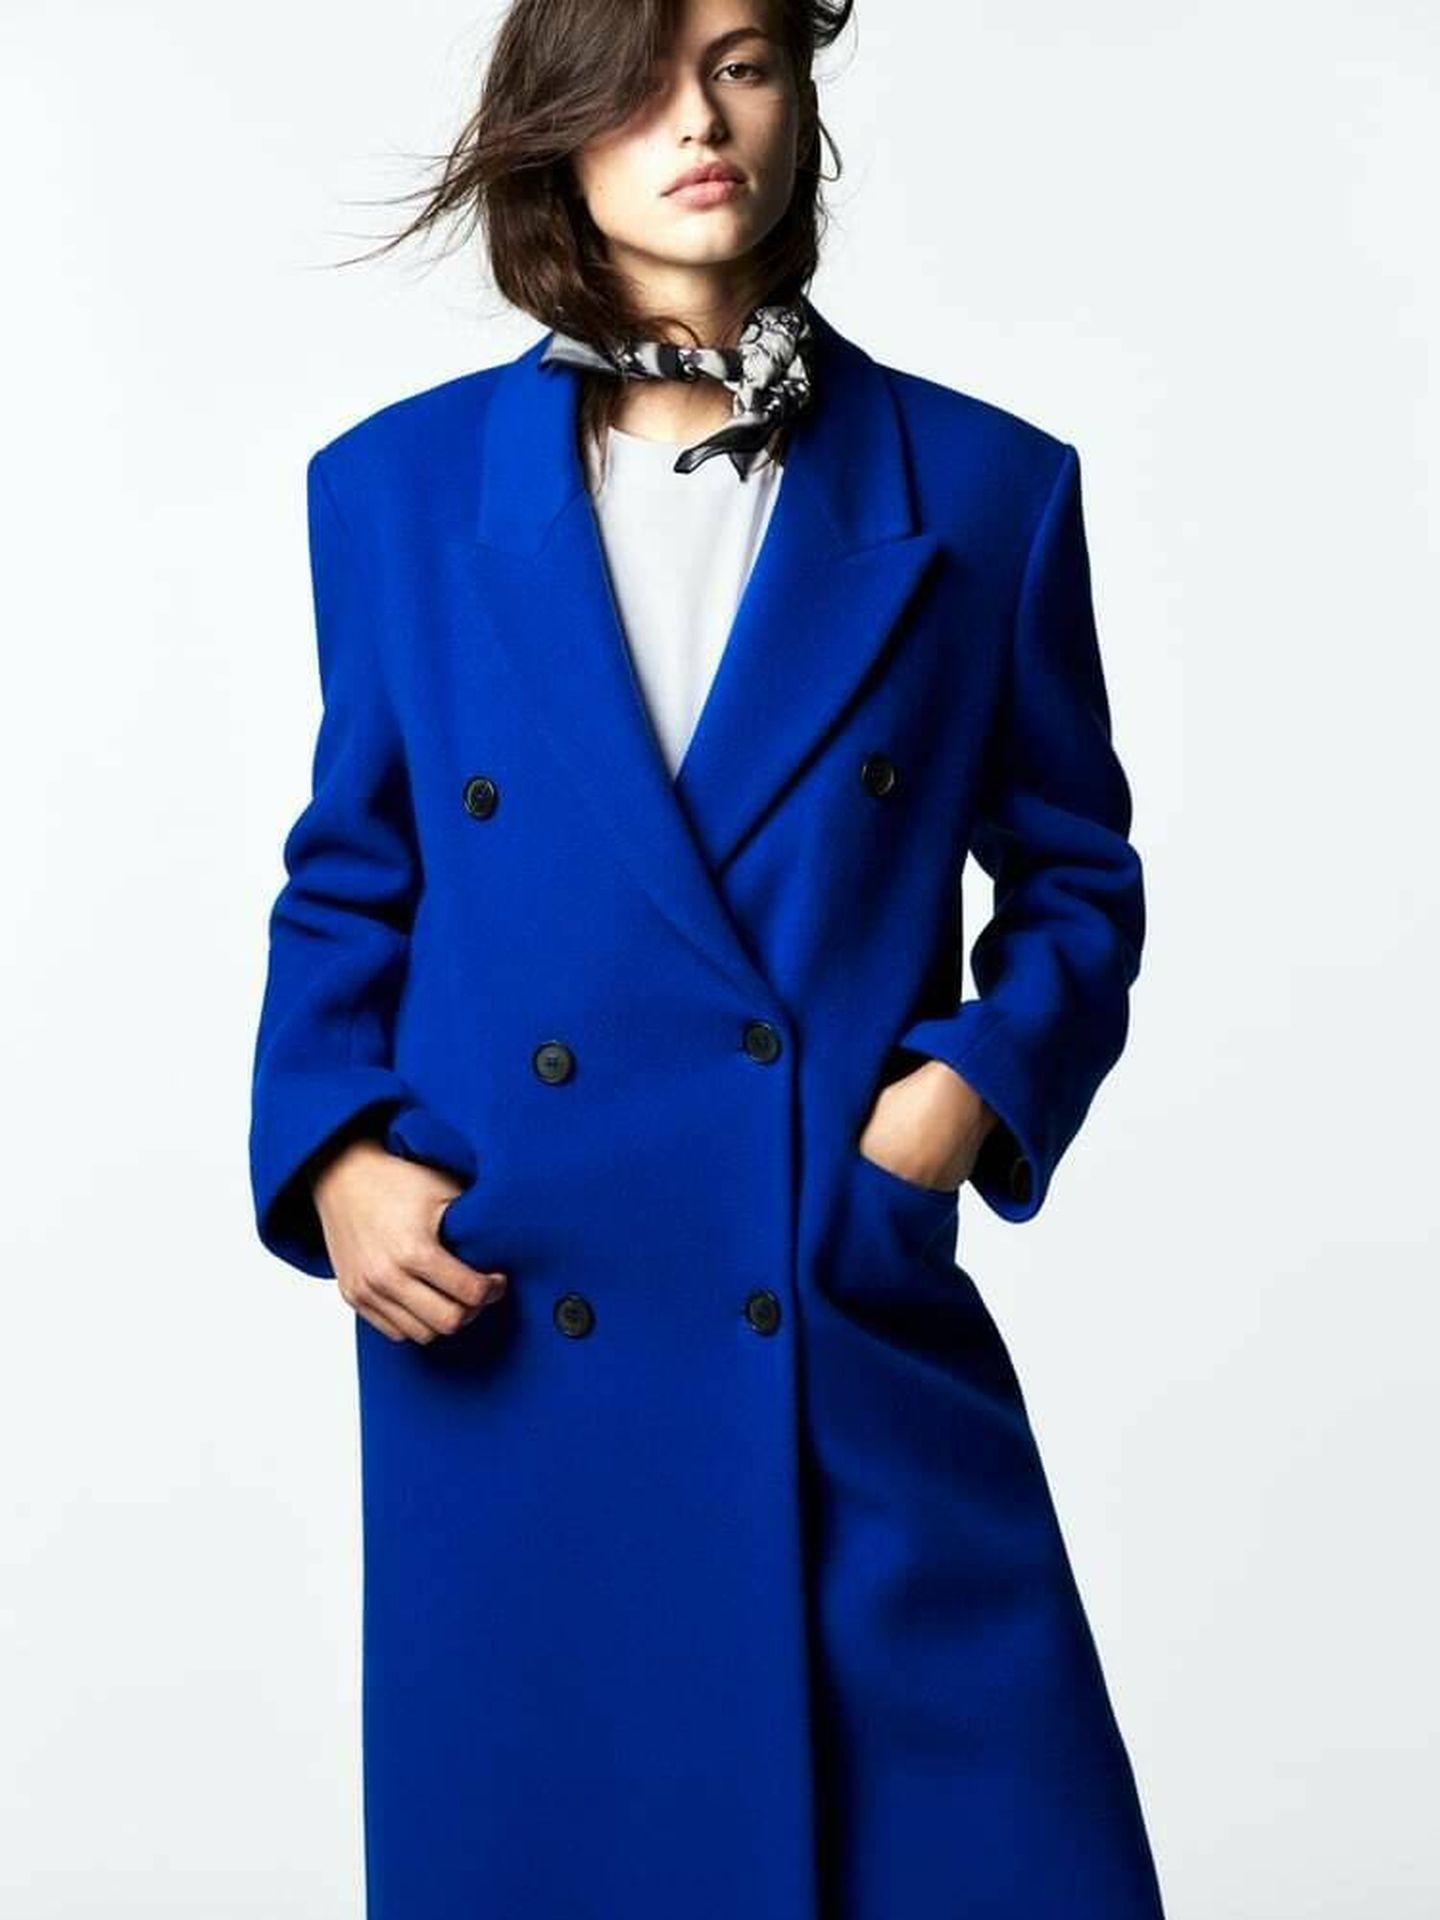 El nuevo abrigo de Zara. (Cortesía)